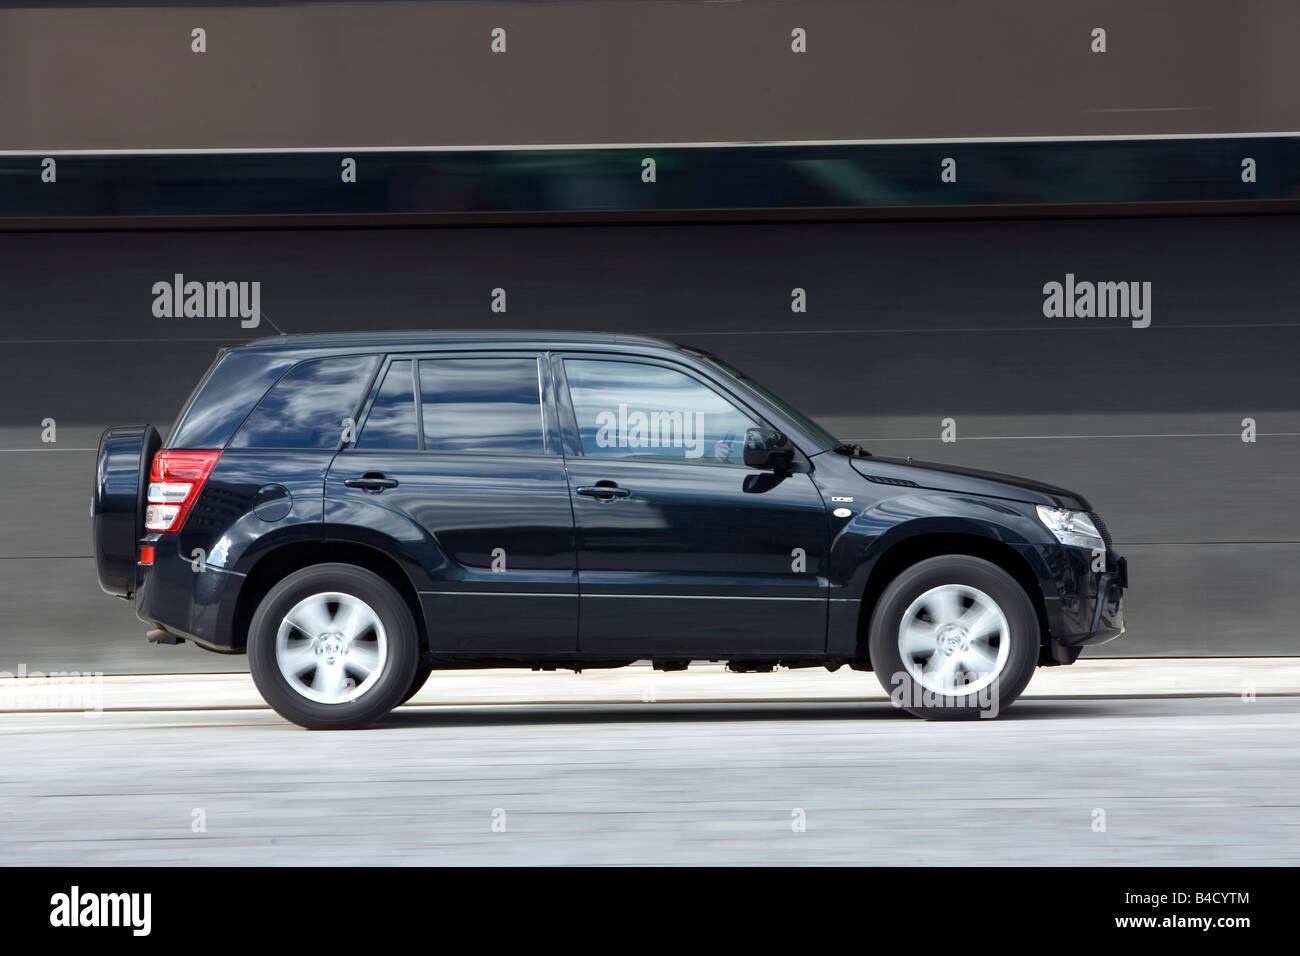 Suzuki Grand Vitara Black